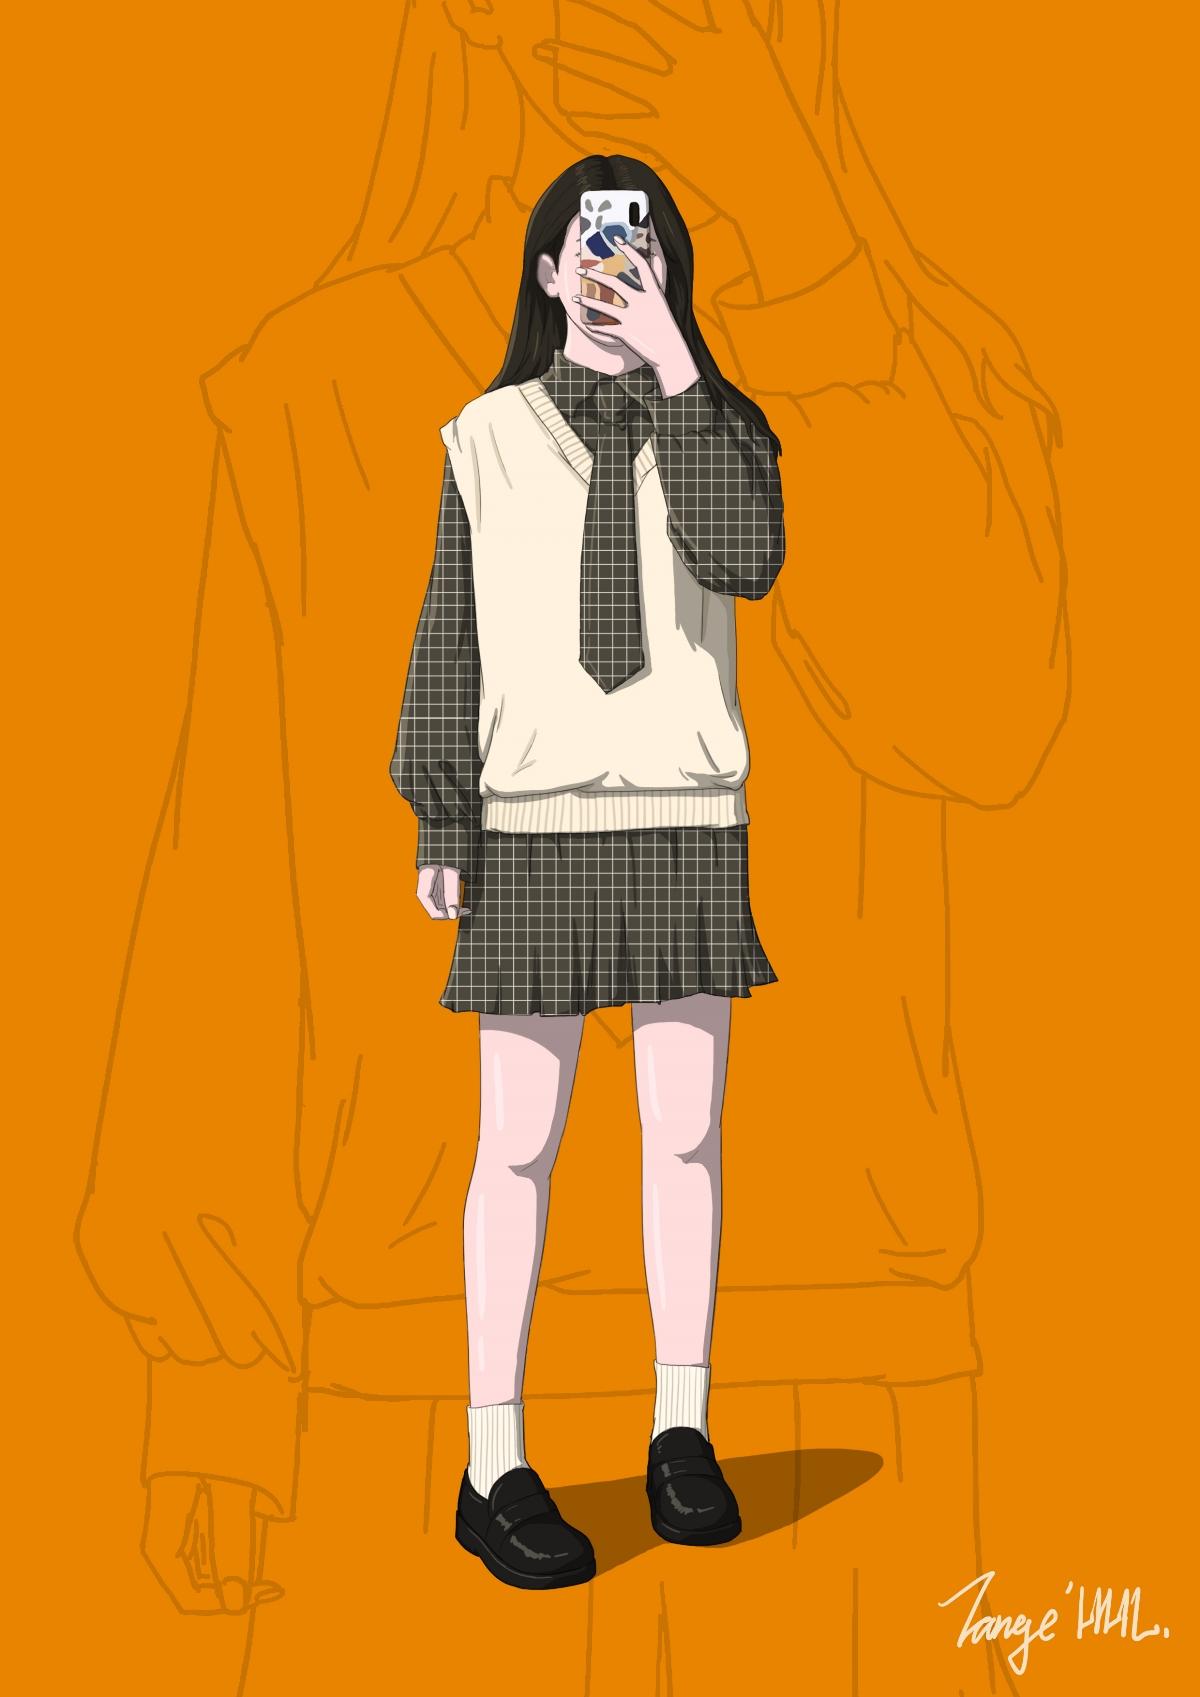 人物形象系列插画